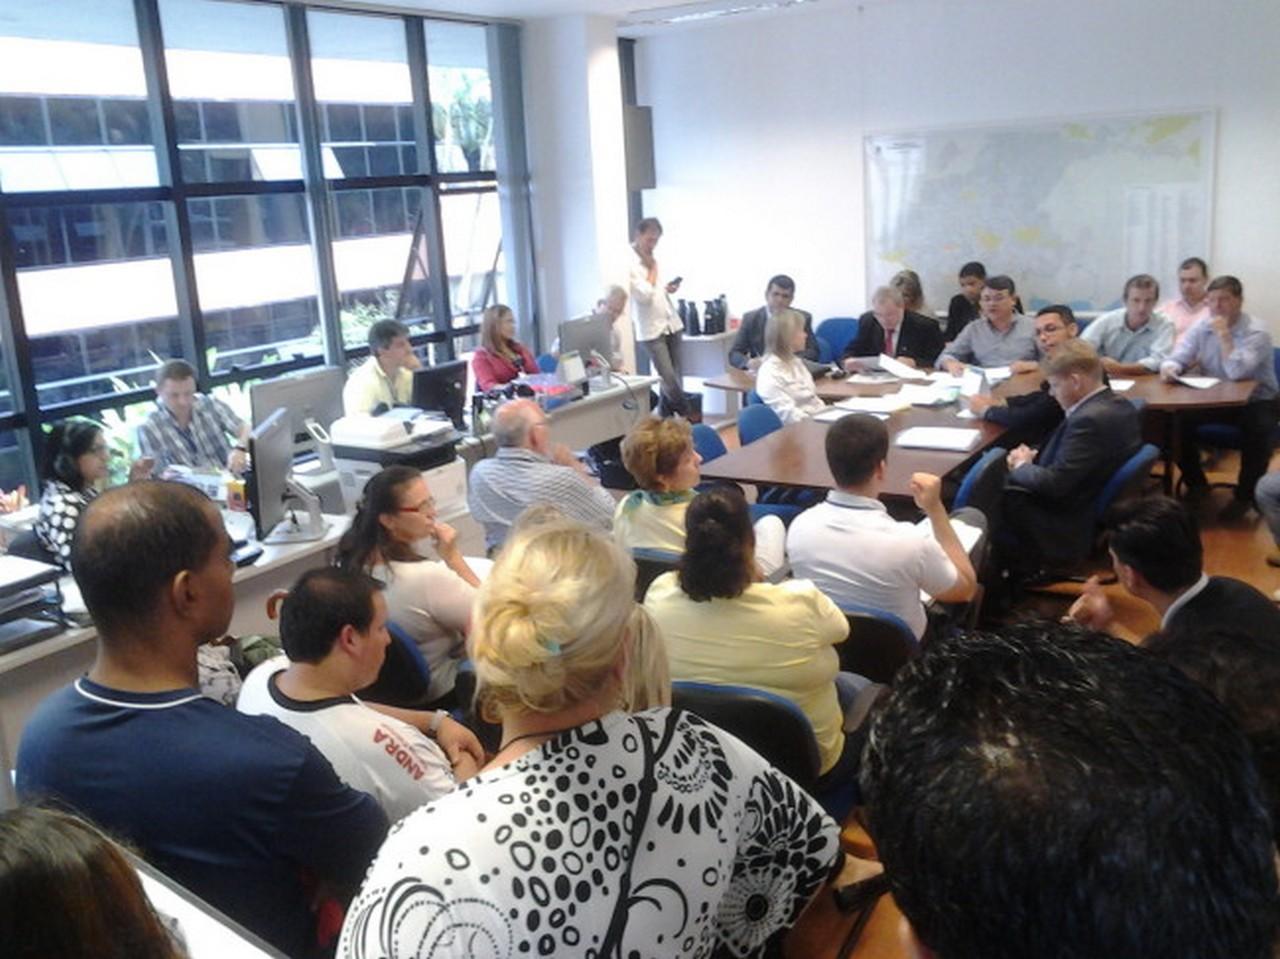 Servidores estavam alertas para caso a reunião extraordinária ocorresse | Foto: Johannes Halter